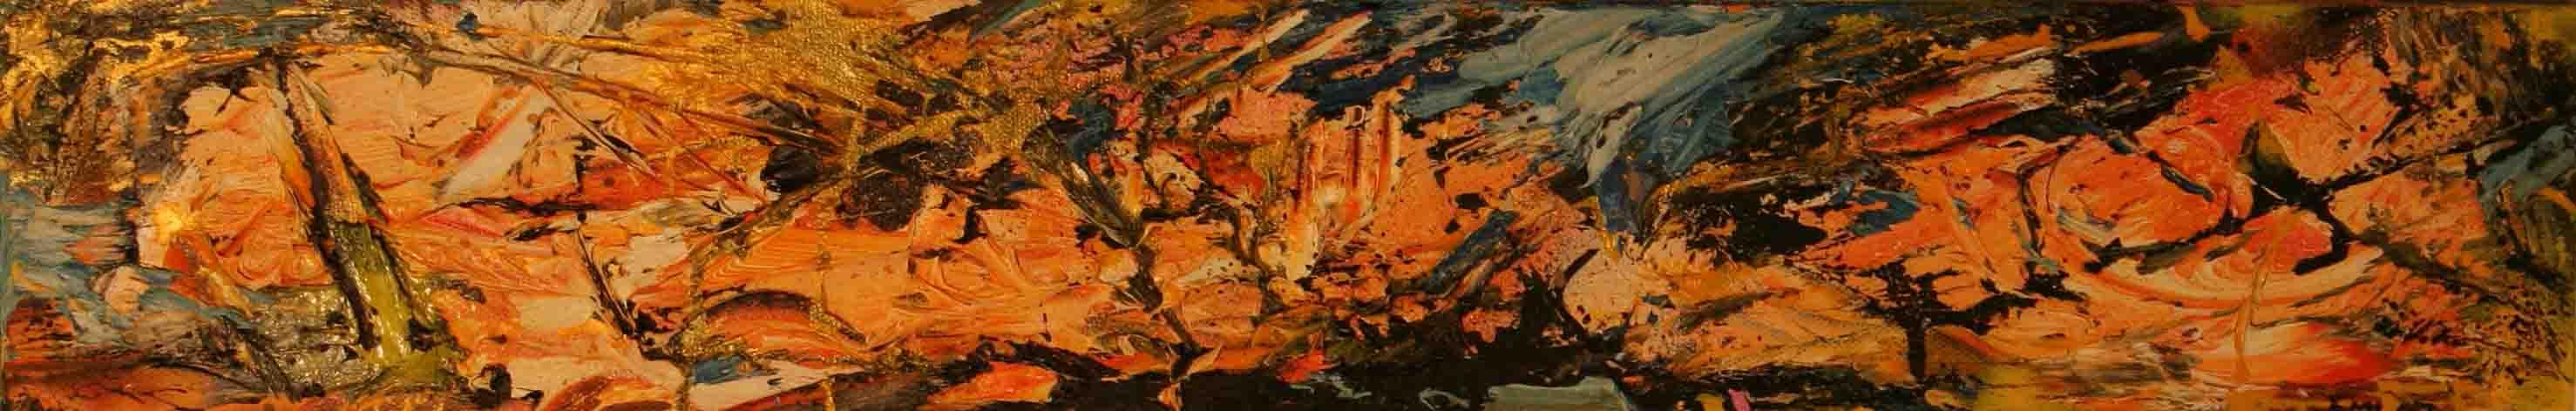 tableau abstrait blancheur noir et sombre blanc en orange et bleu